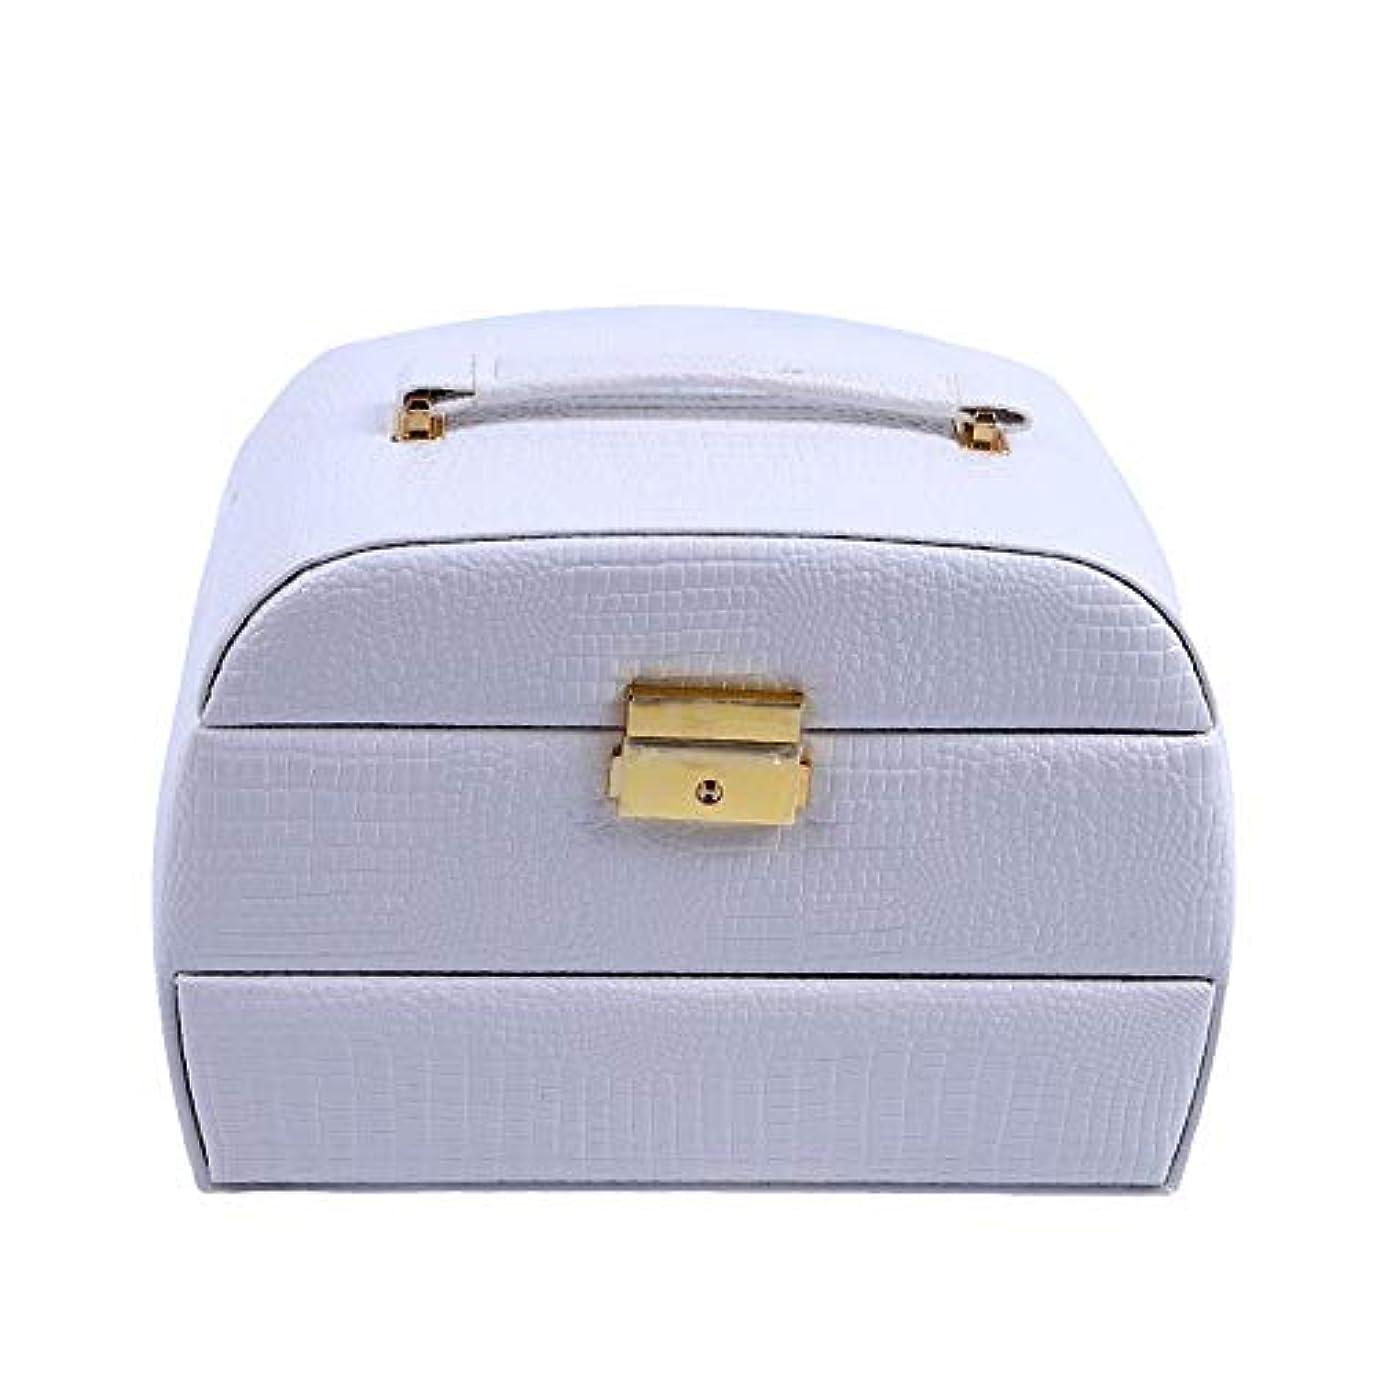 ドライバやさしいデザイナー化粧オーガナイザーバッグ 美容メイクアップのための大容量ポータブル化粧ケース、女性化粧ミラー付きのロック付き女性旅行と毎日の保管 化粧品ケース